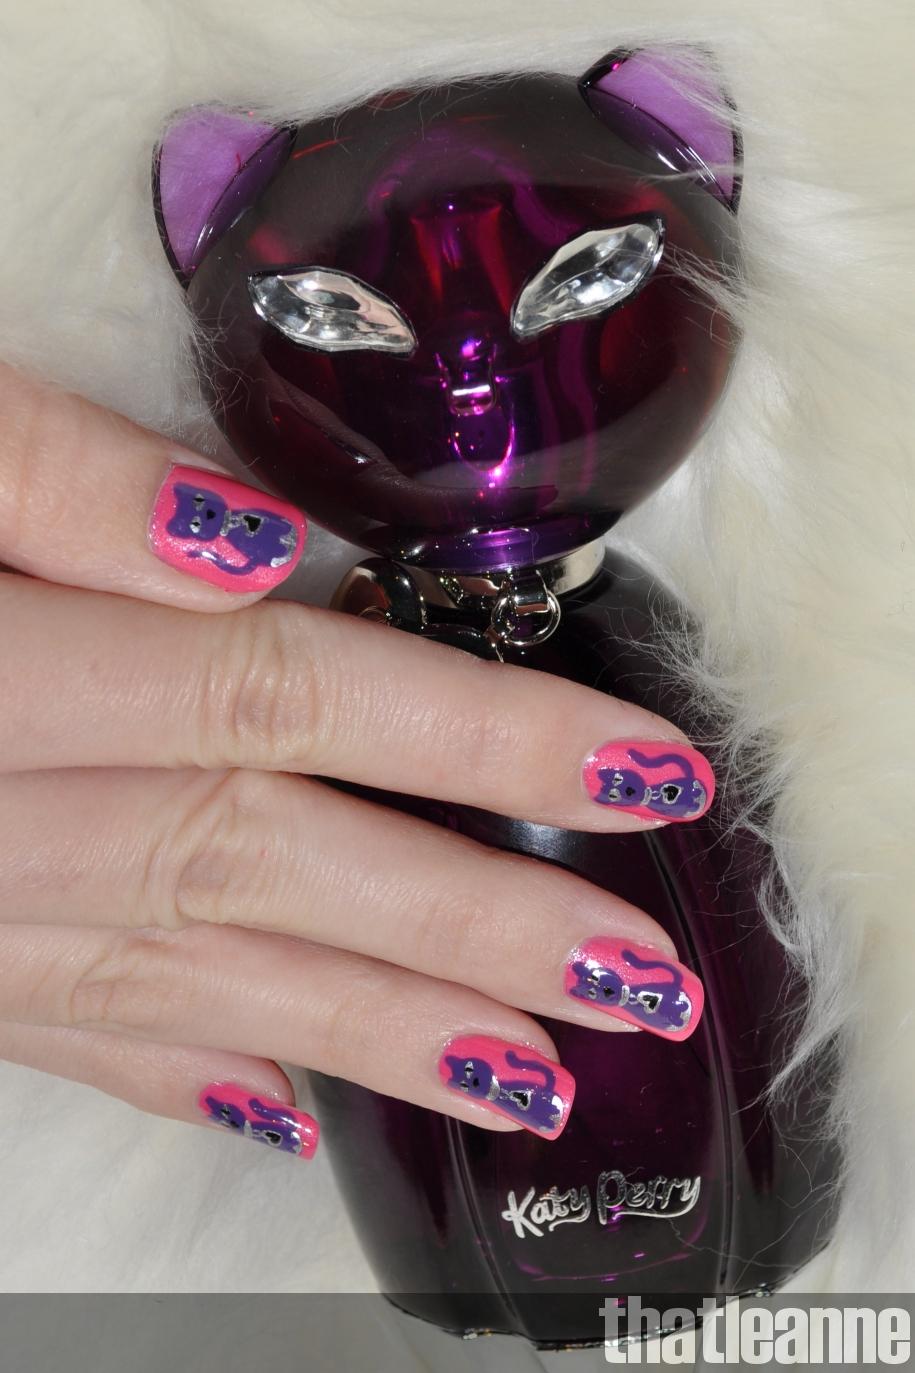 ACRYLIC NAILS: Katy Perry Nails